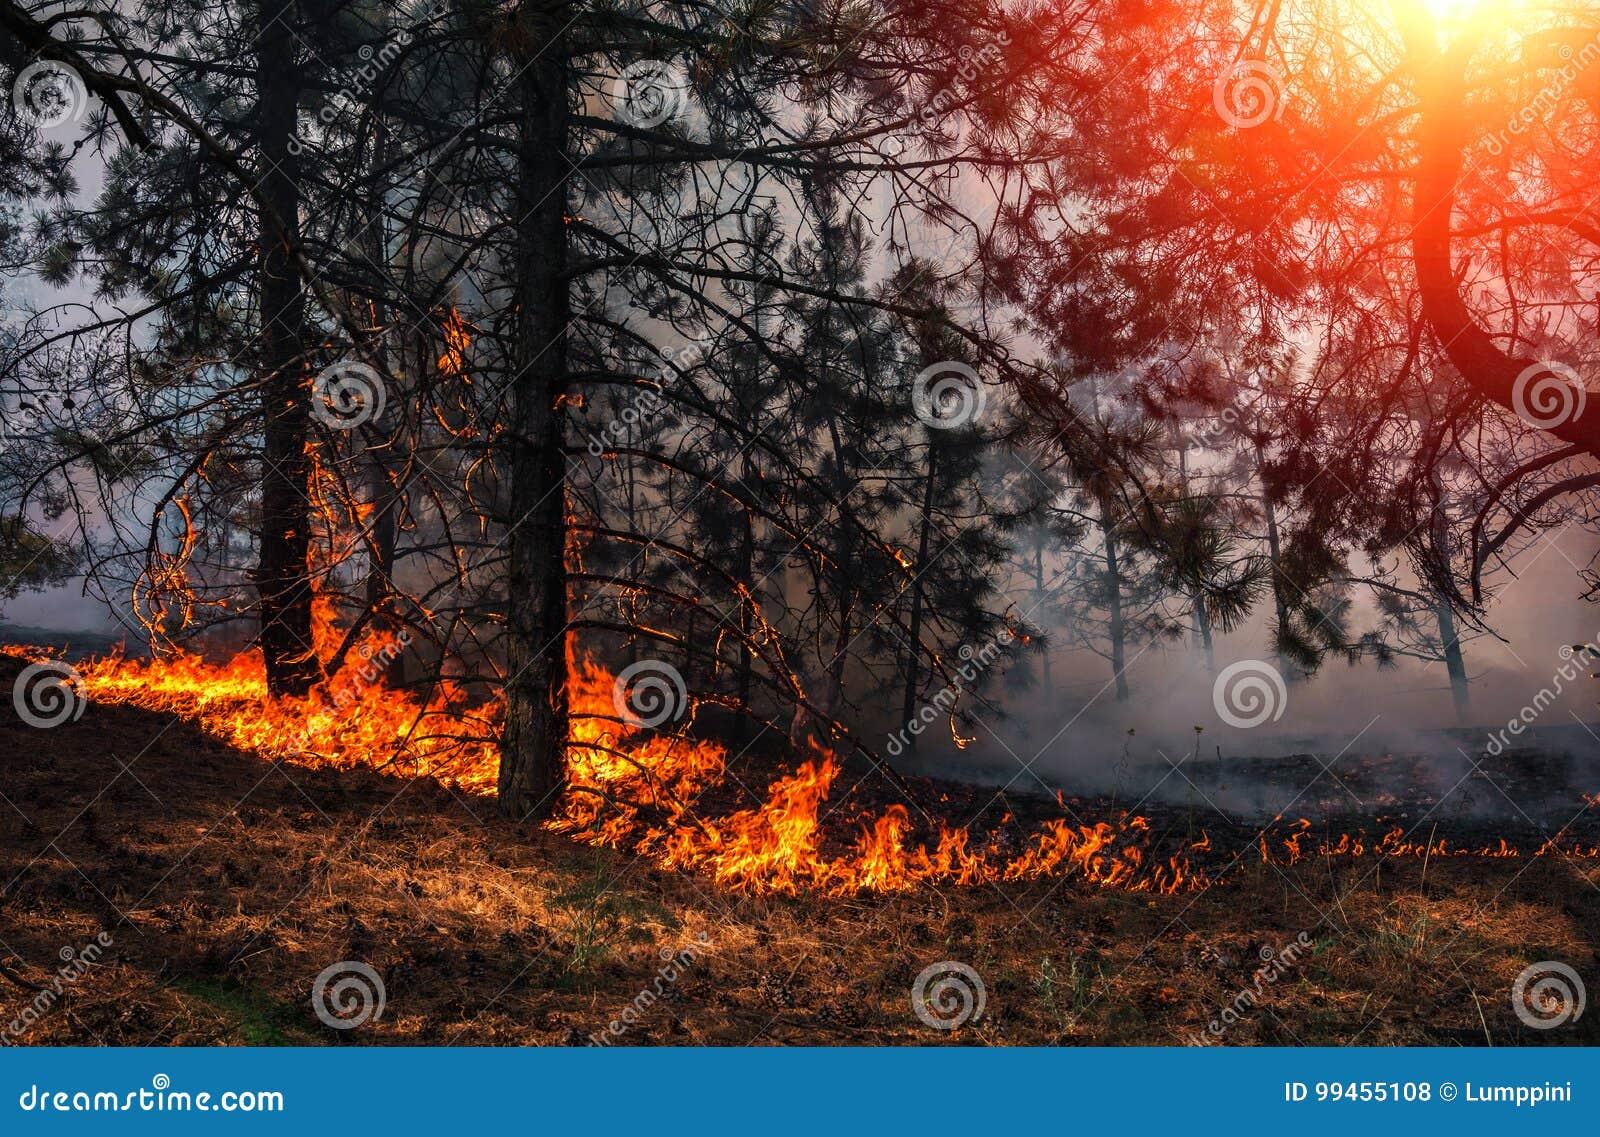 Лесной пожар на заходе солнца, горящий сосновый лес